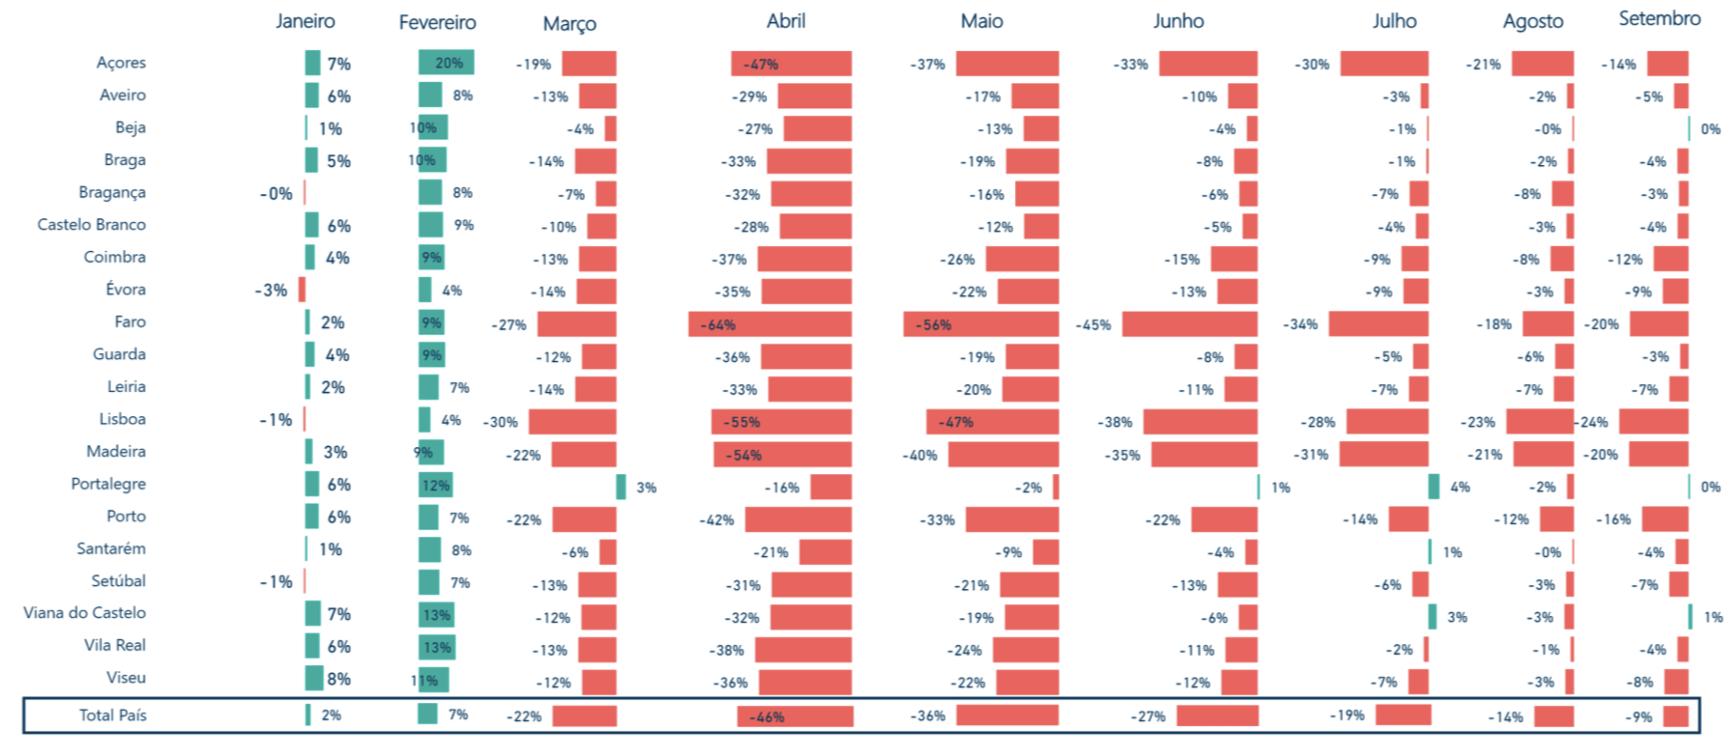 Evolução da Faturação Total por Distritos 2020/2019 (Variações Homólogas)